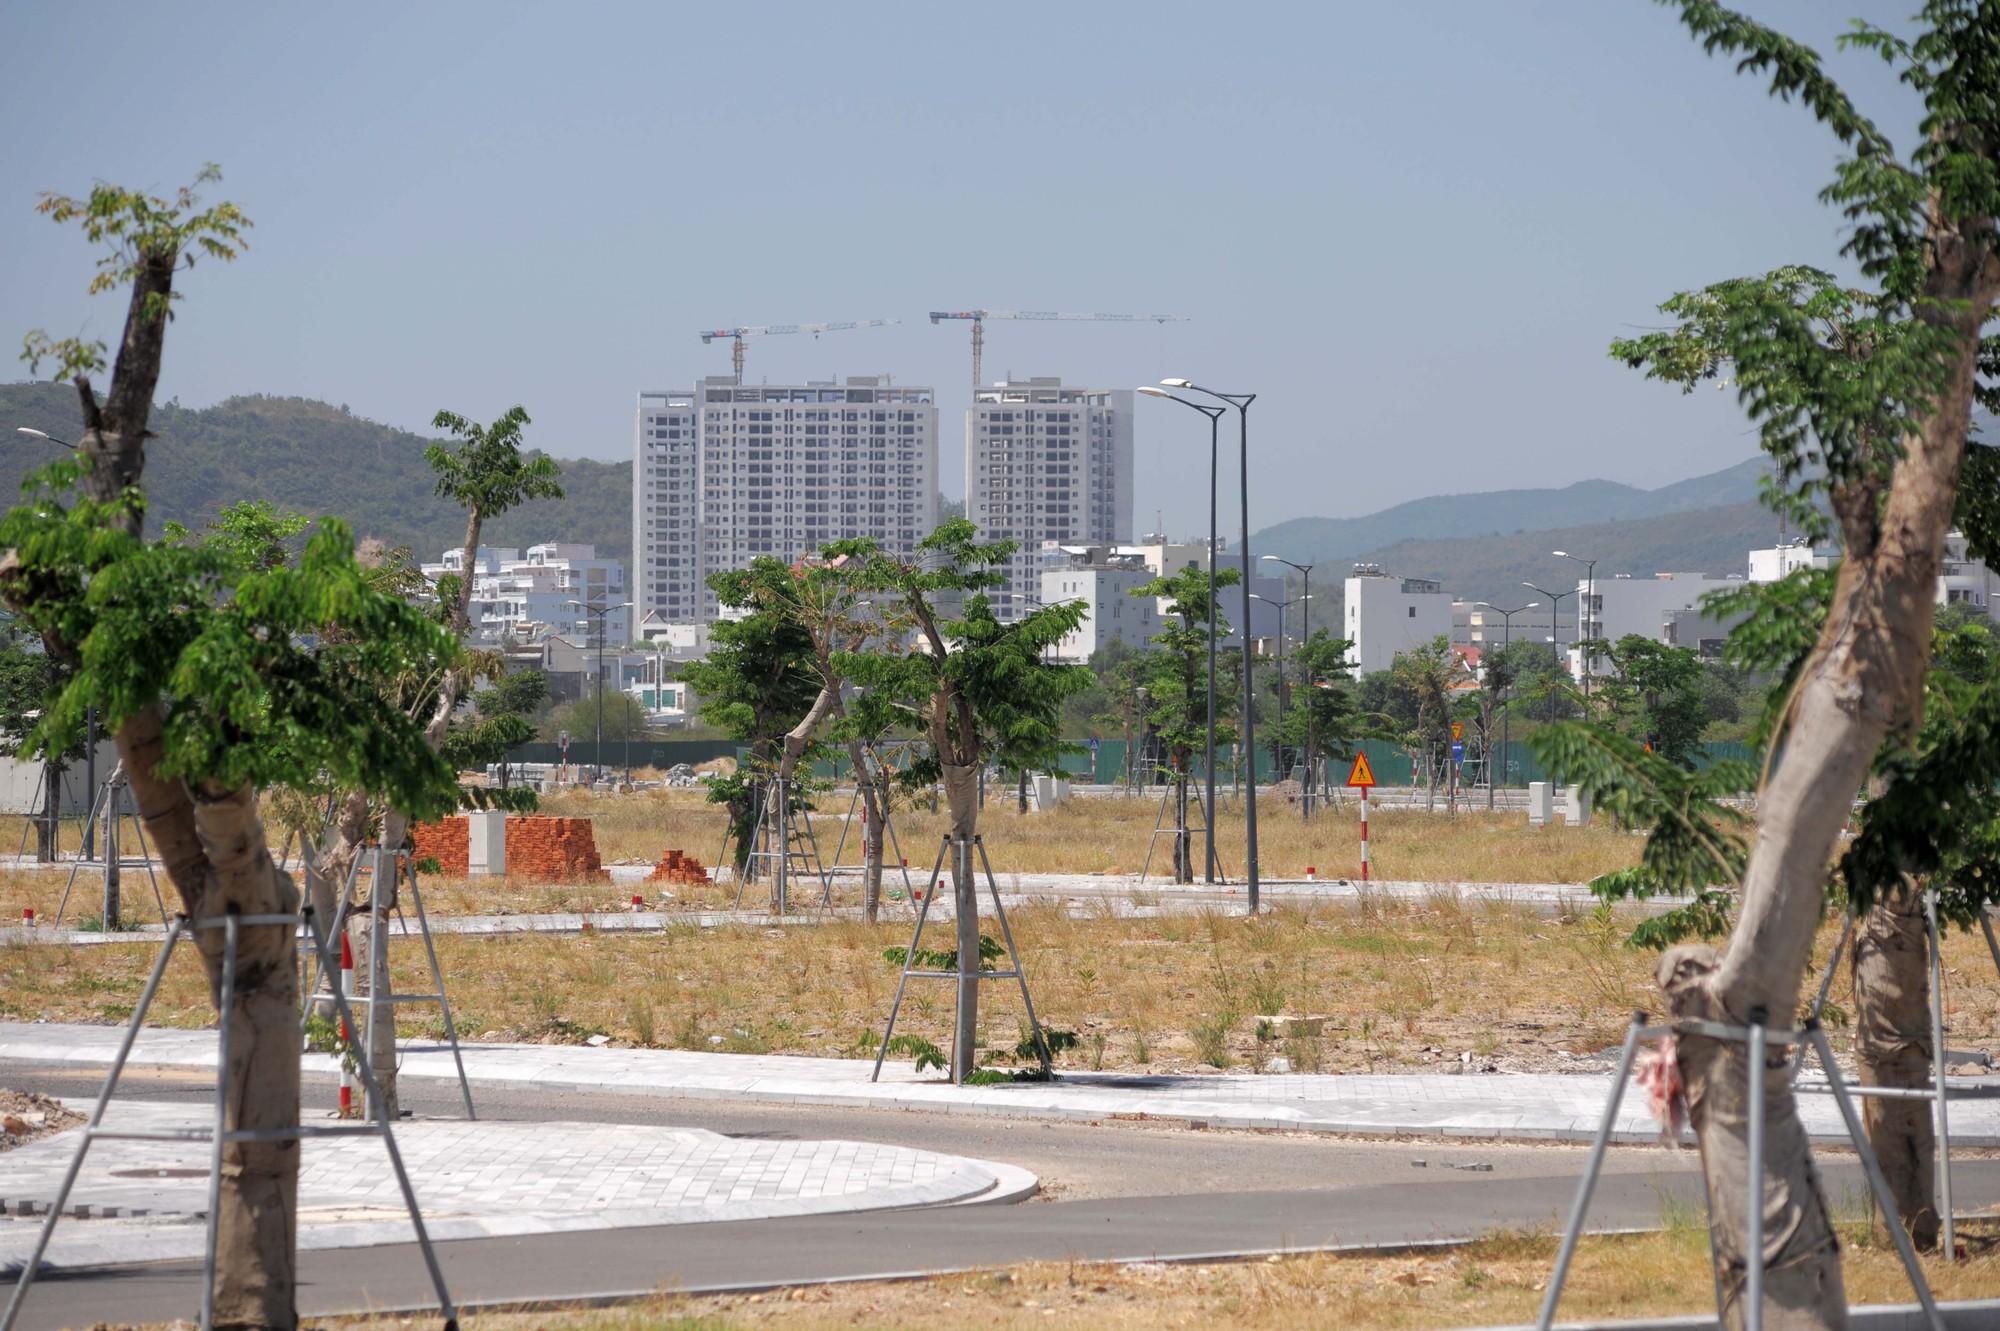 Cận cảnh dự án BT của Tập đoàn Phúc Sơn tại sân bay Nha Trang cũ  - Ảnh 11.